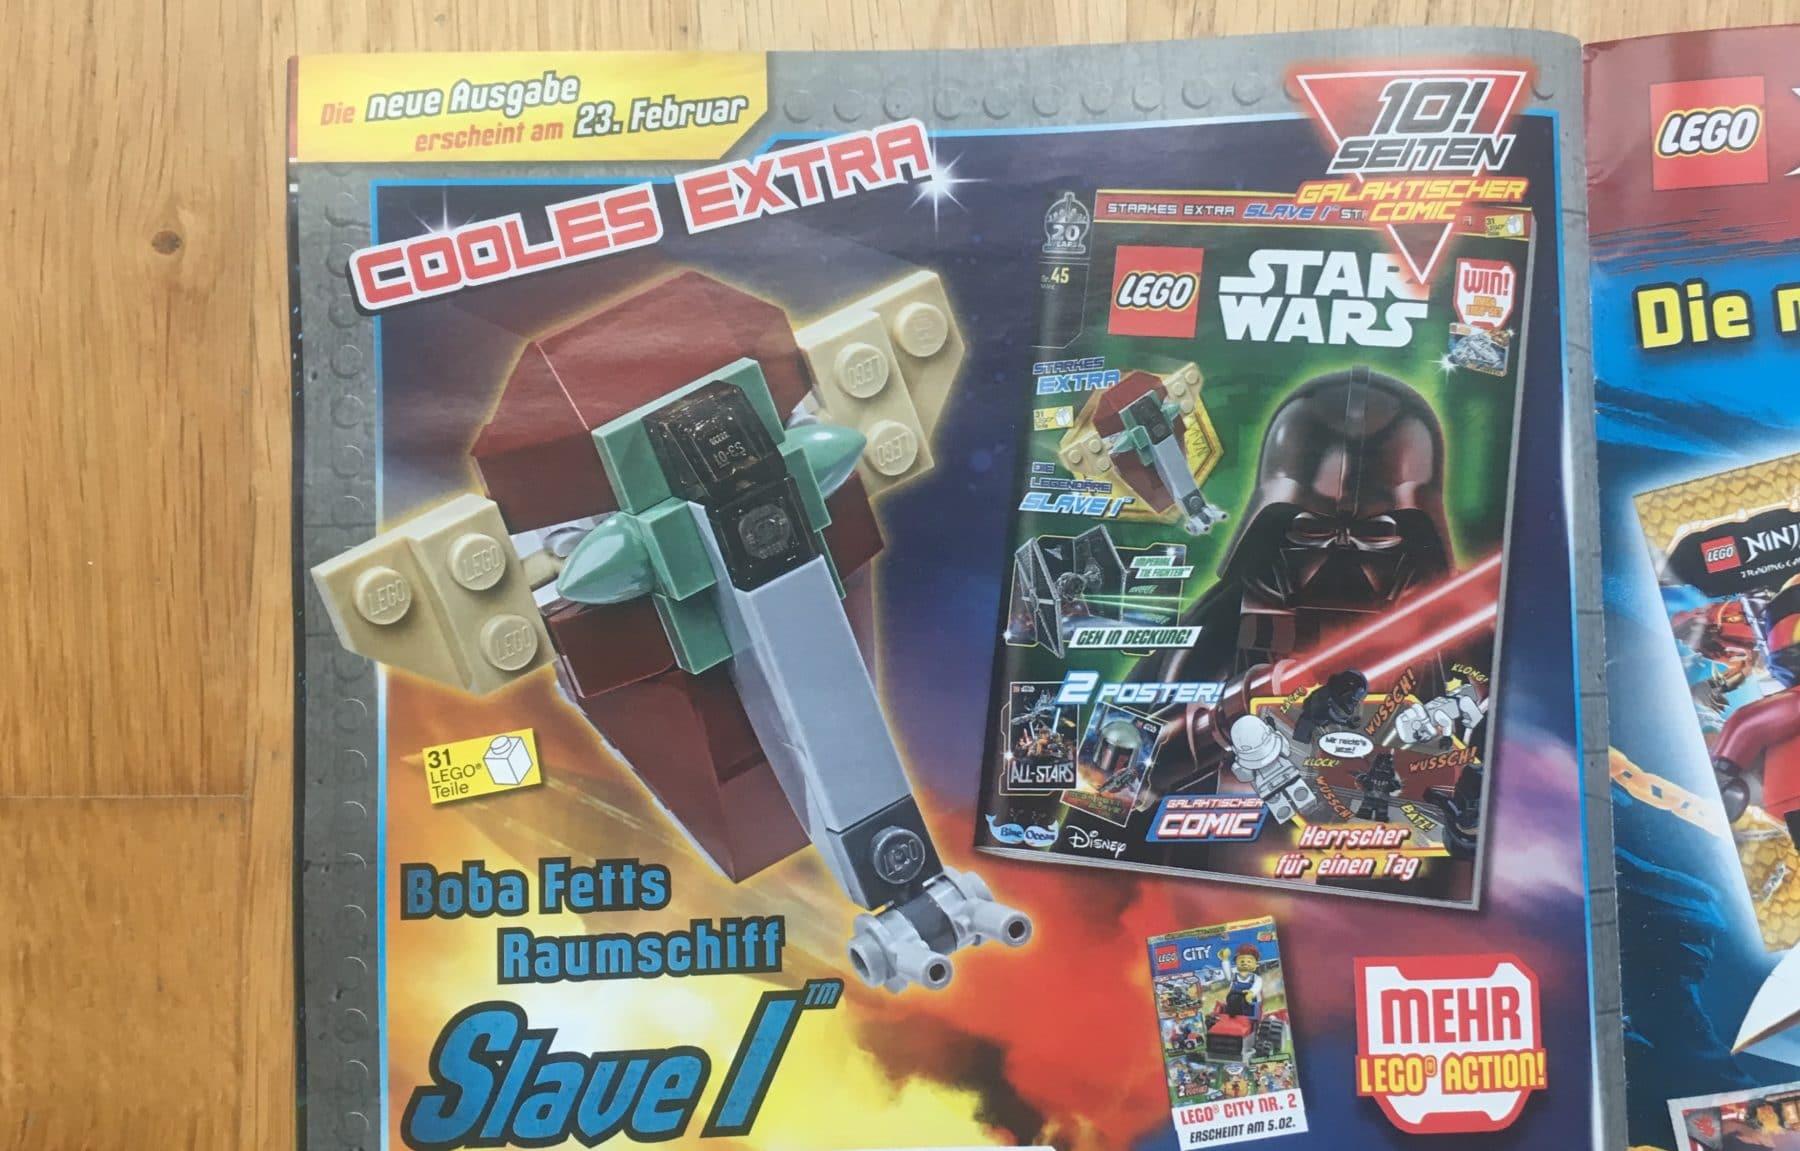 LEGO Star Wars Magazin Ausblick auf #45